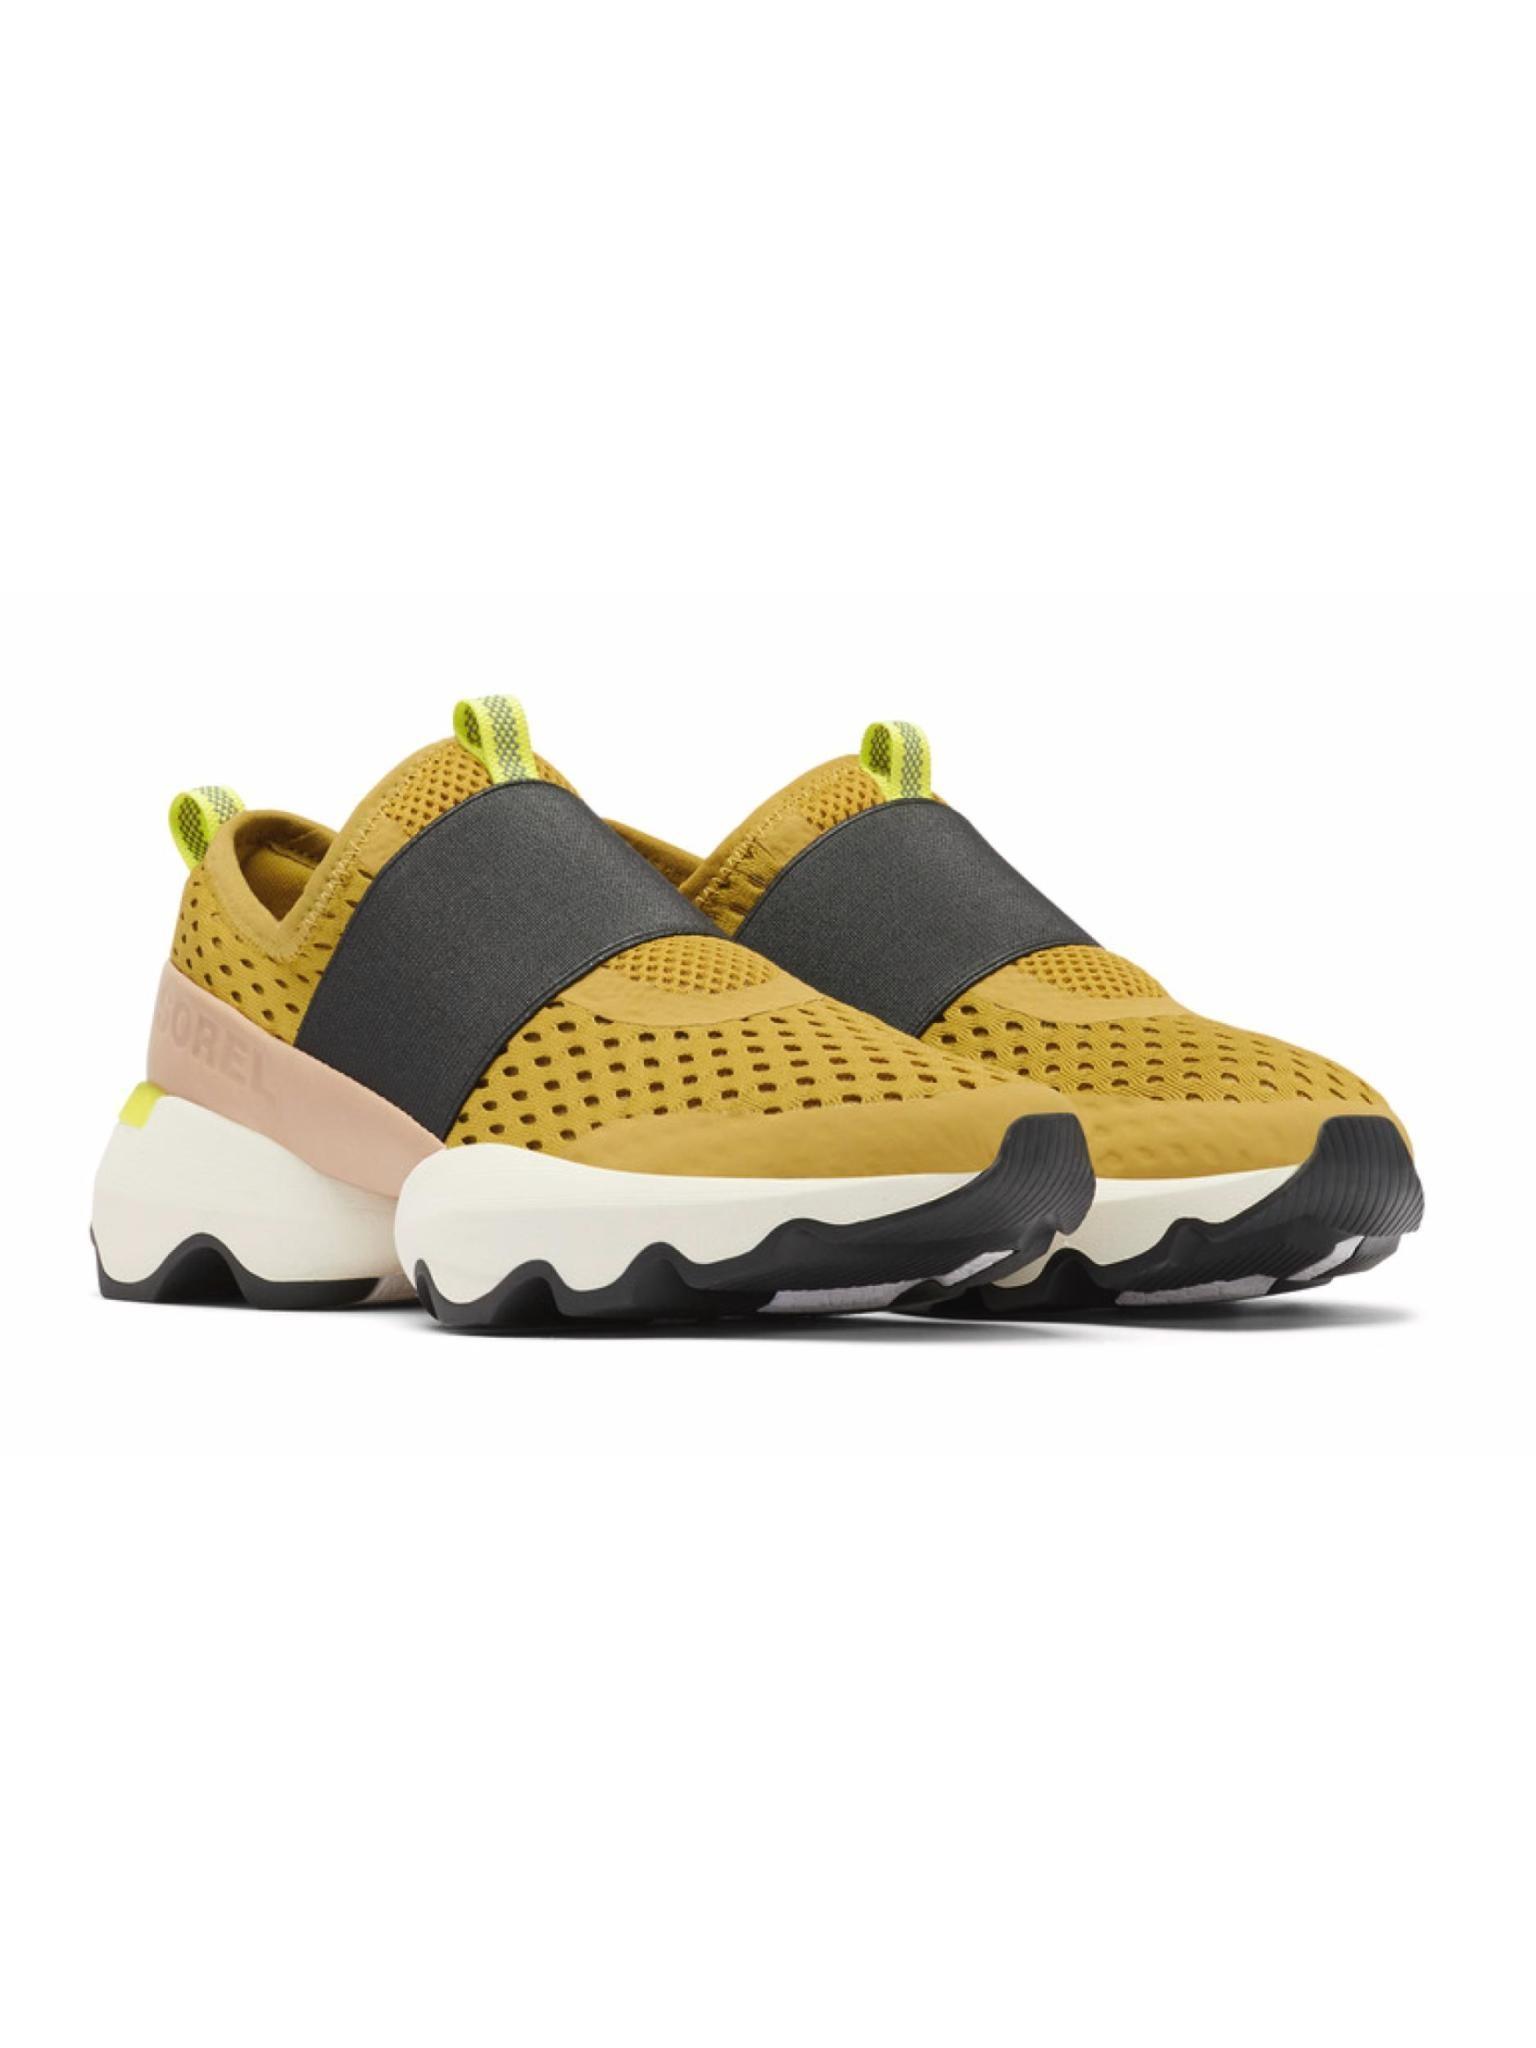 Sorel Women's Kinetic Impact Strap Sneaker